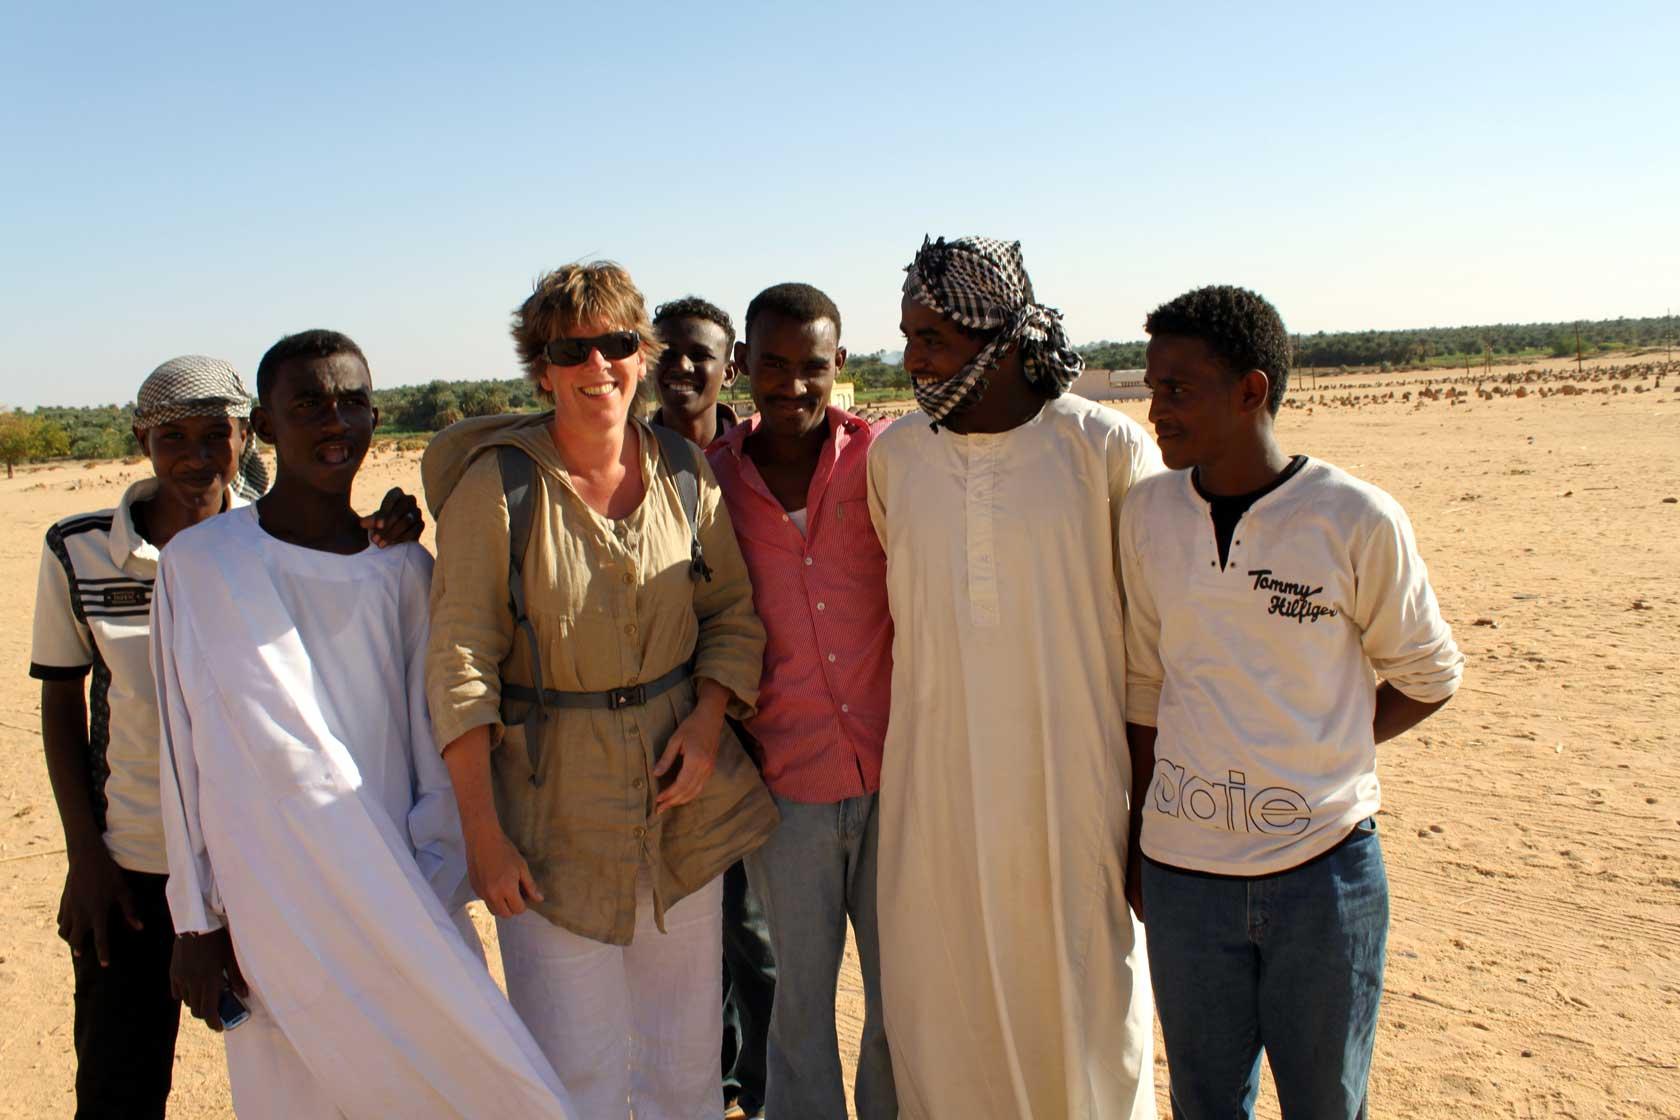 Baan opgezegd om te reizen - mijn laatste langere reis ging dwars door Afrika